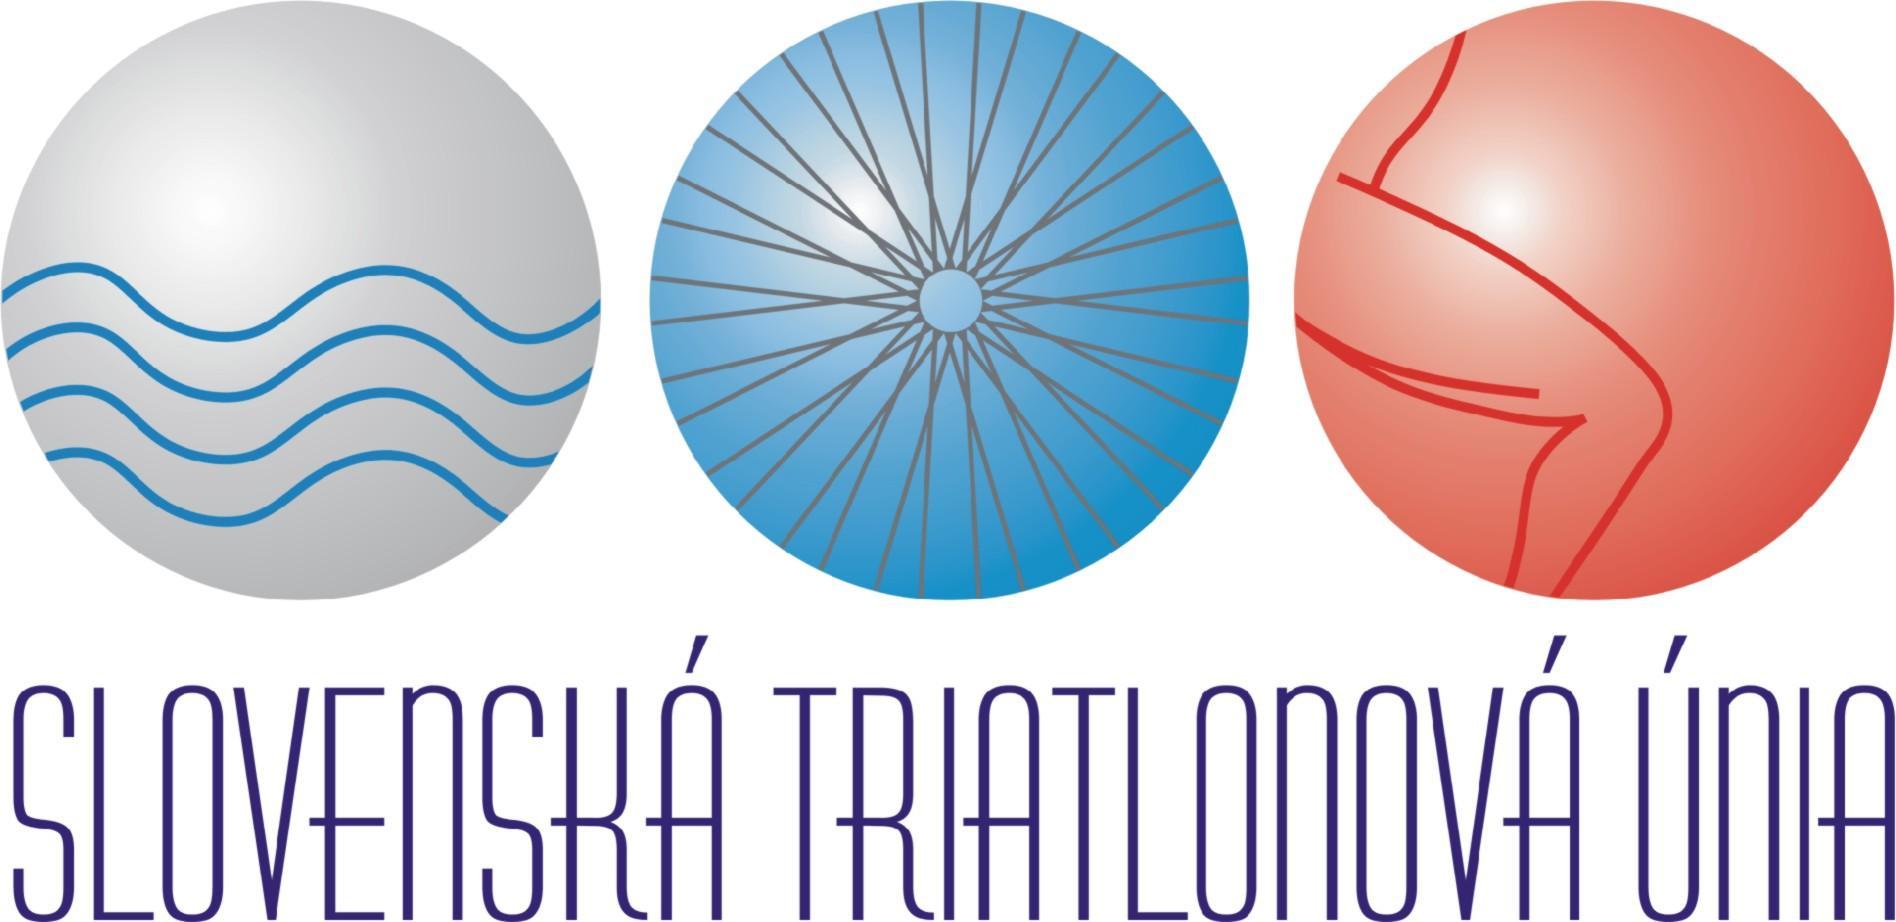 Slovenska triatlonova unia logo